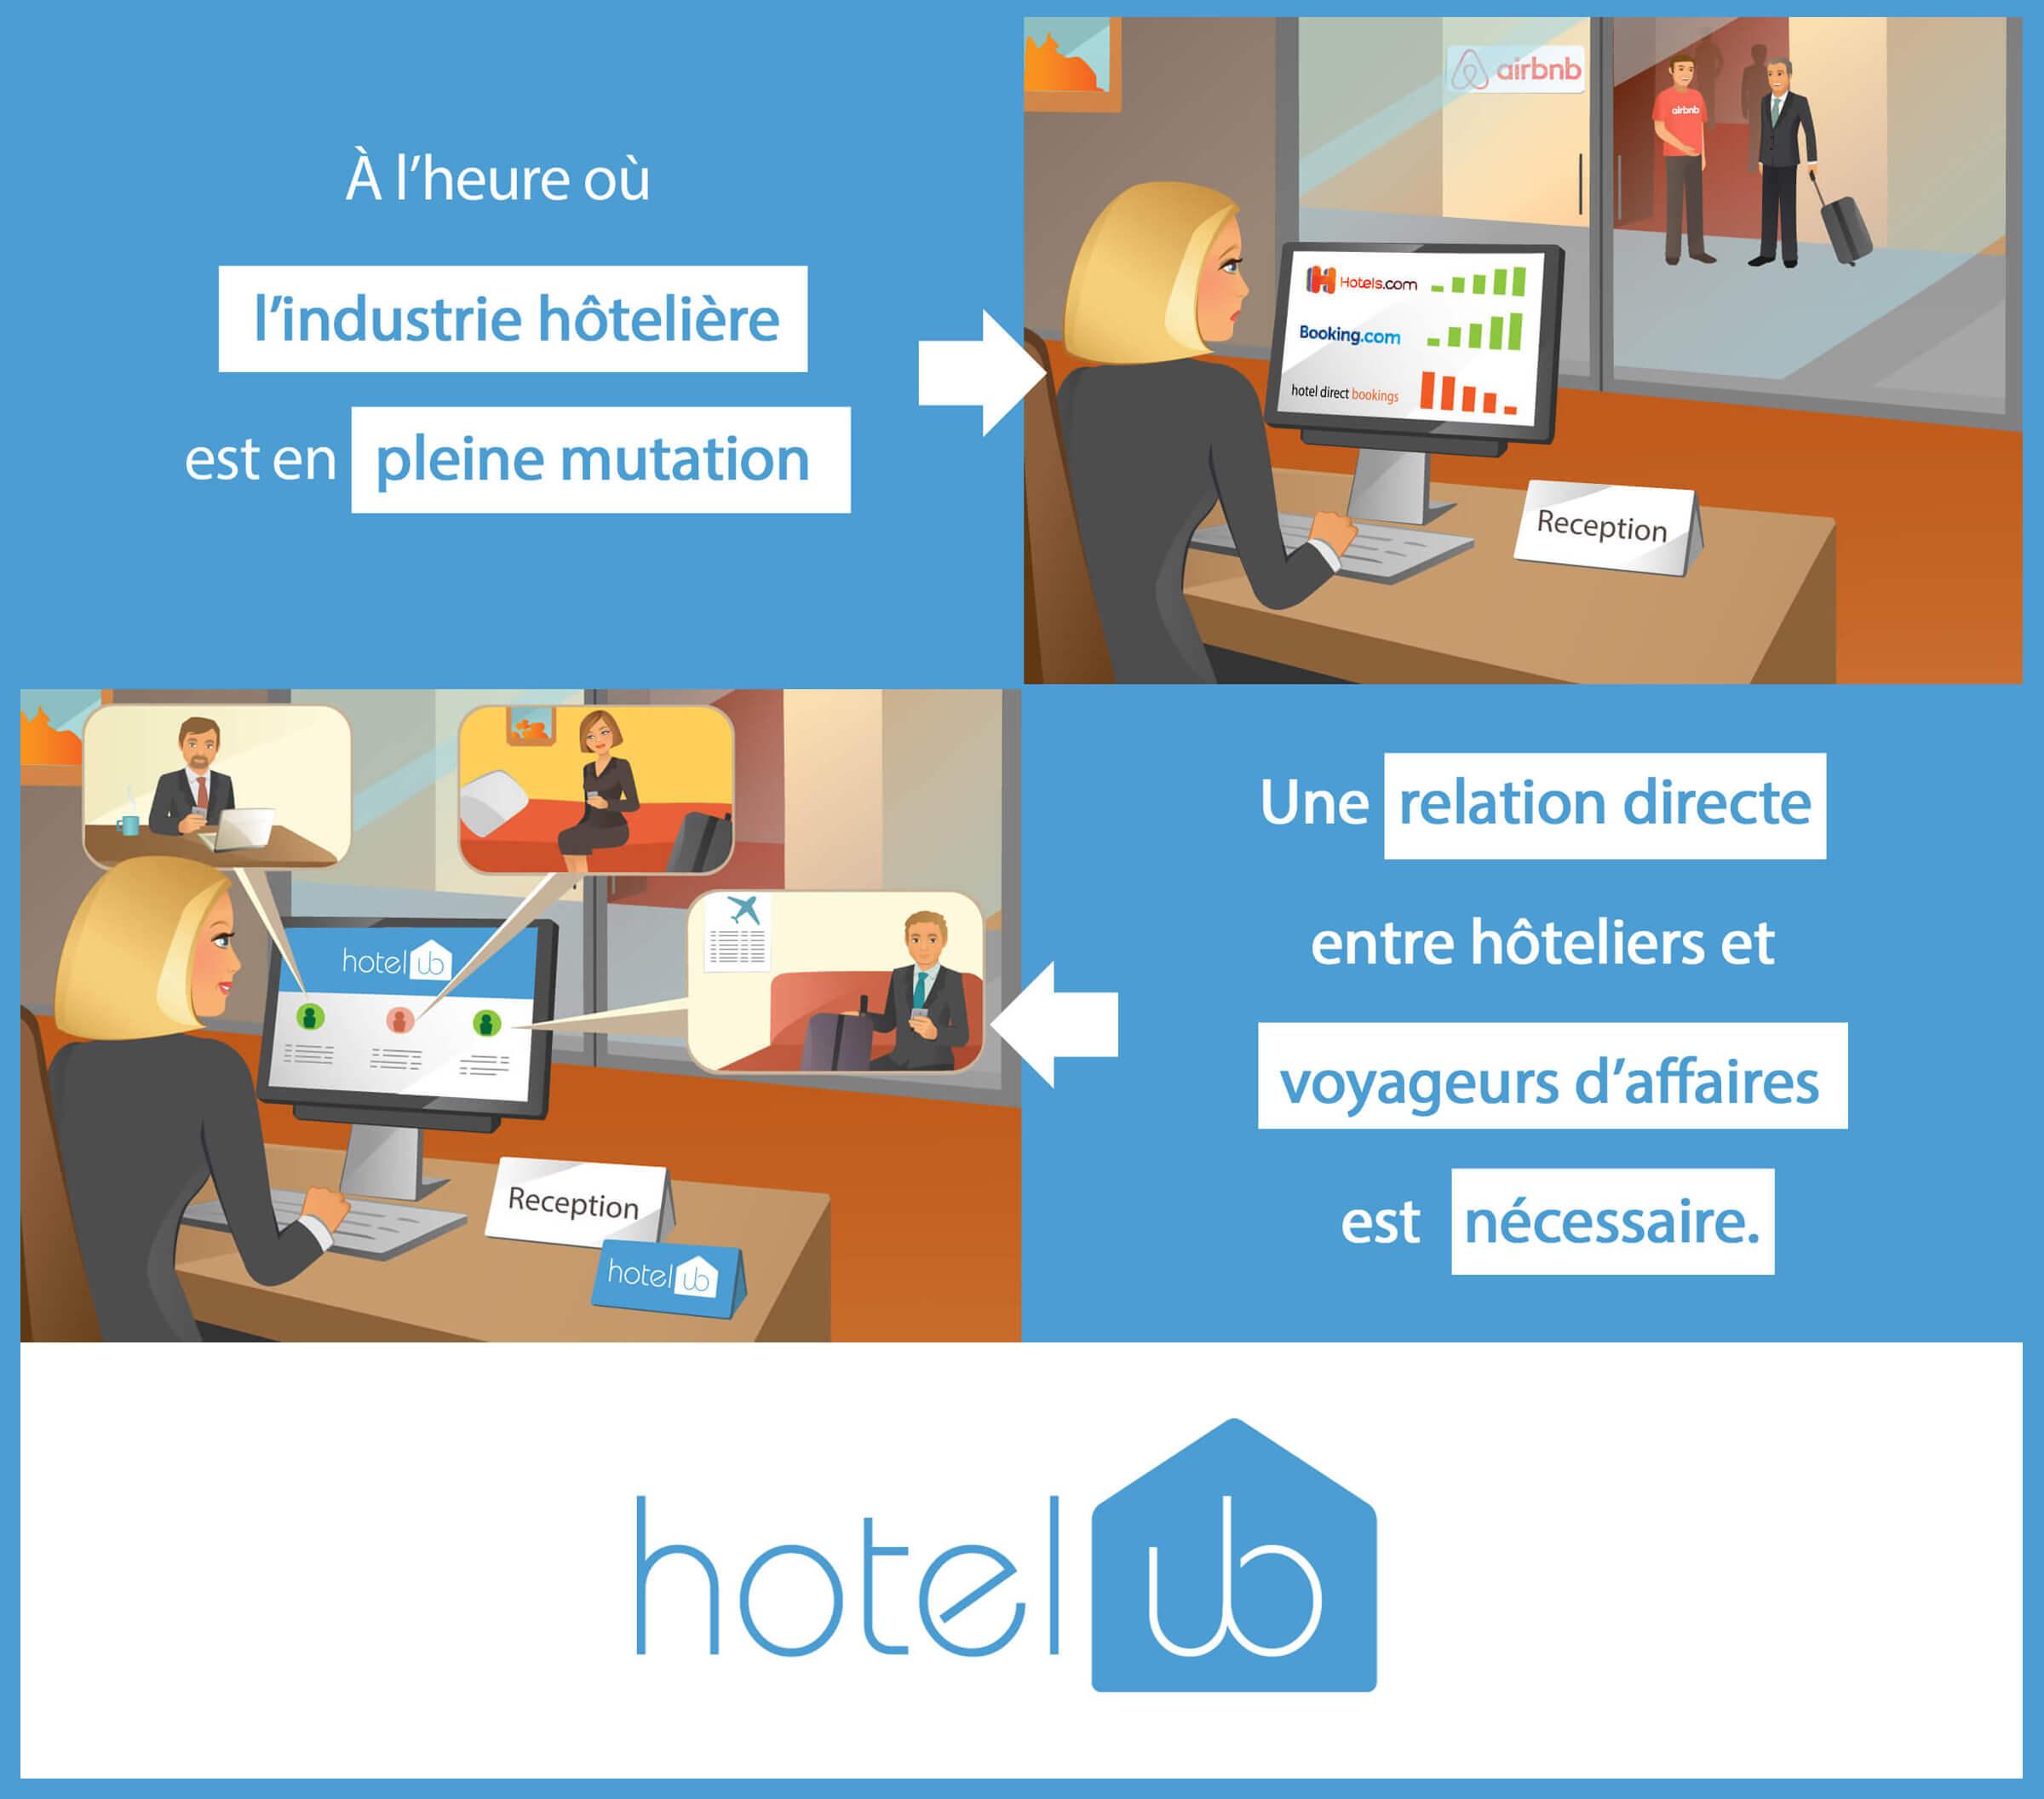 Hotelub hôteliers